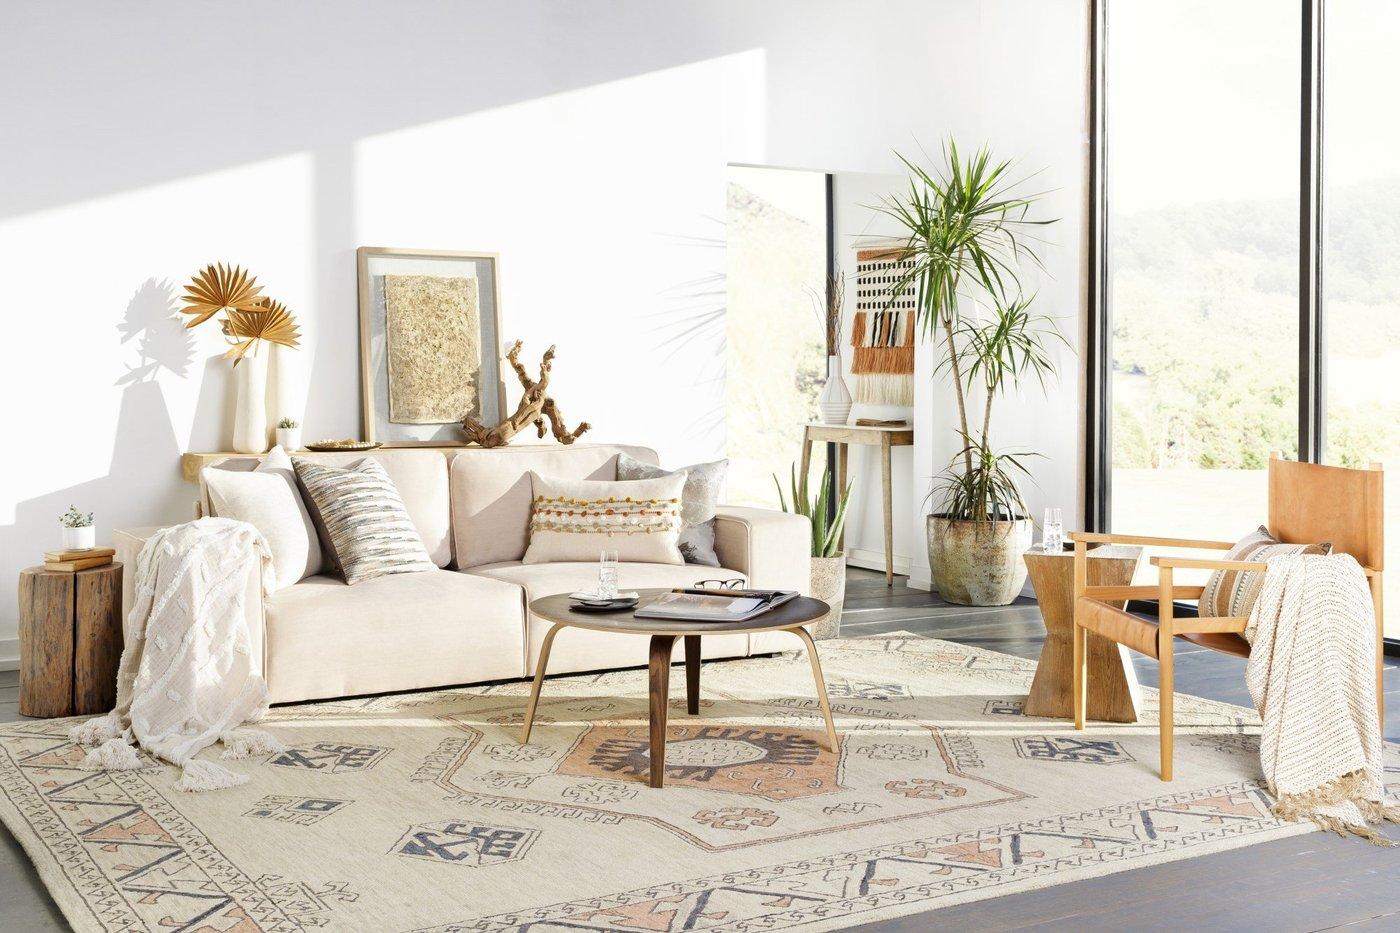 Adobe Boho Living Room Decor Ideas